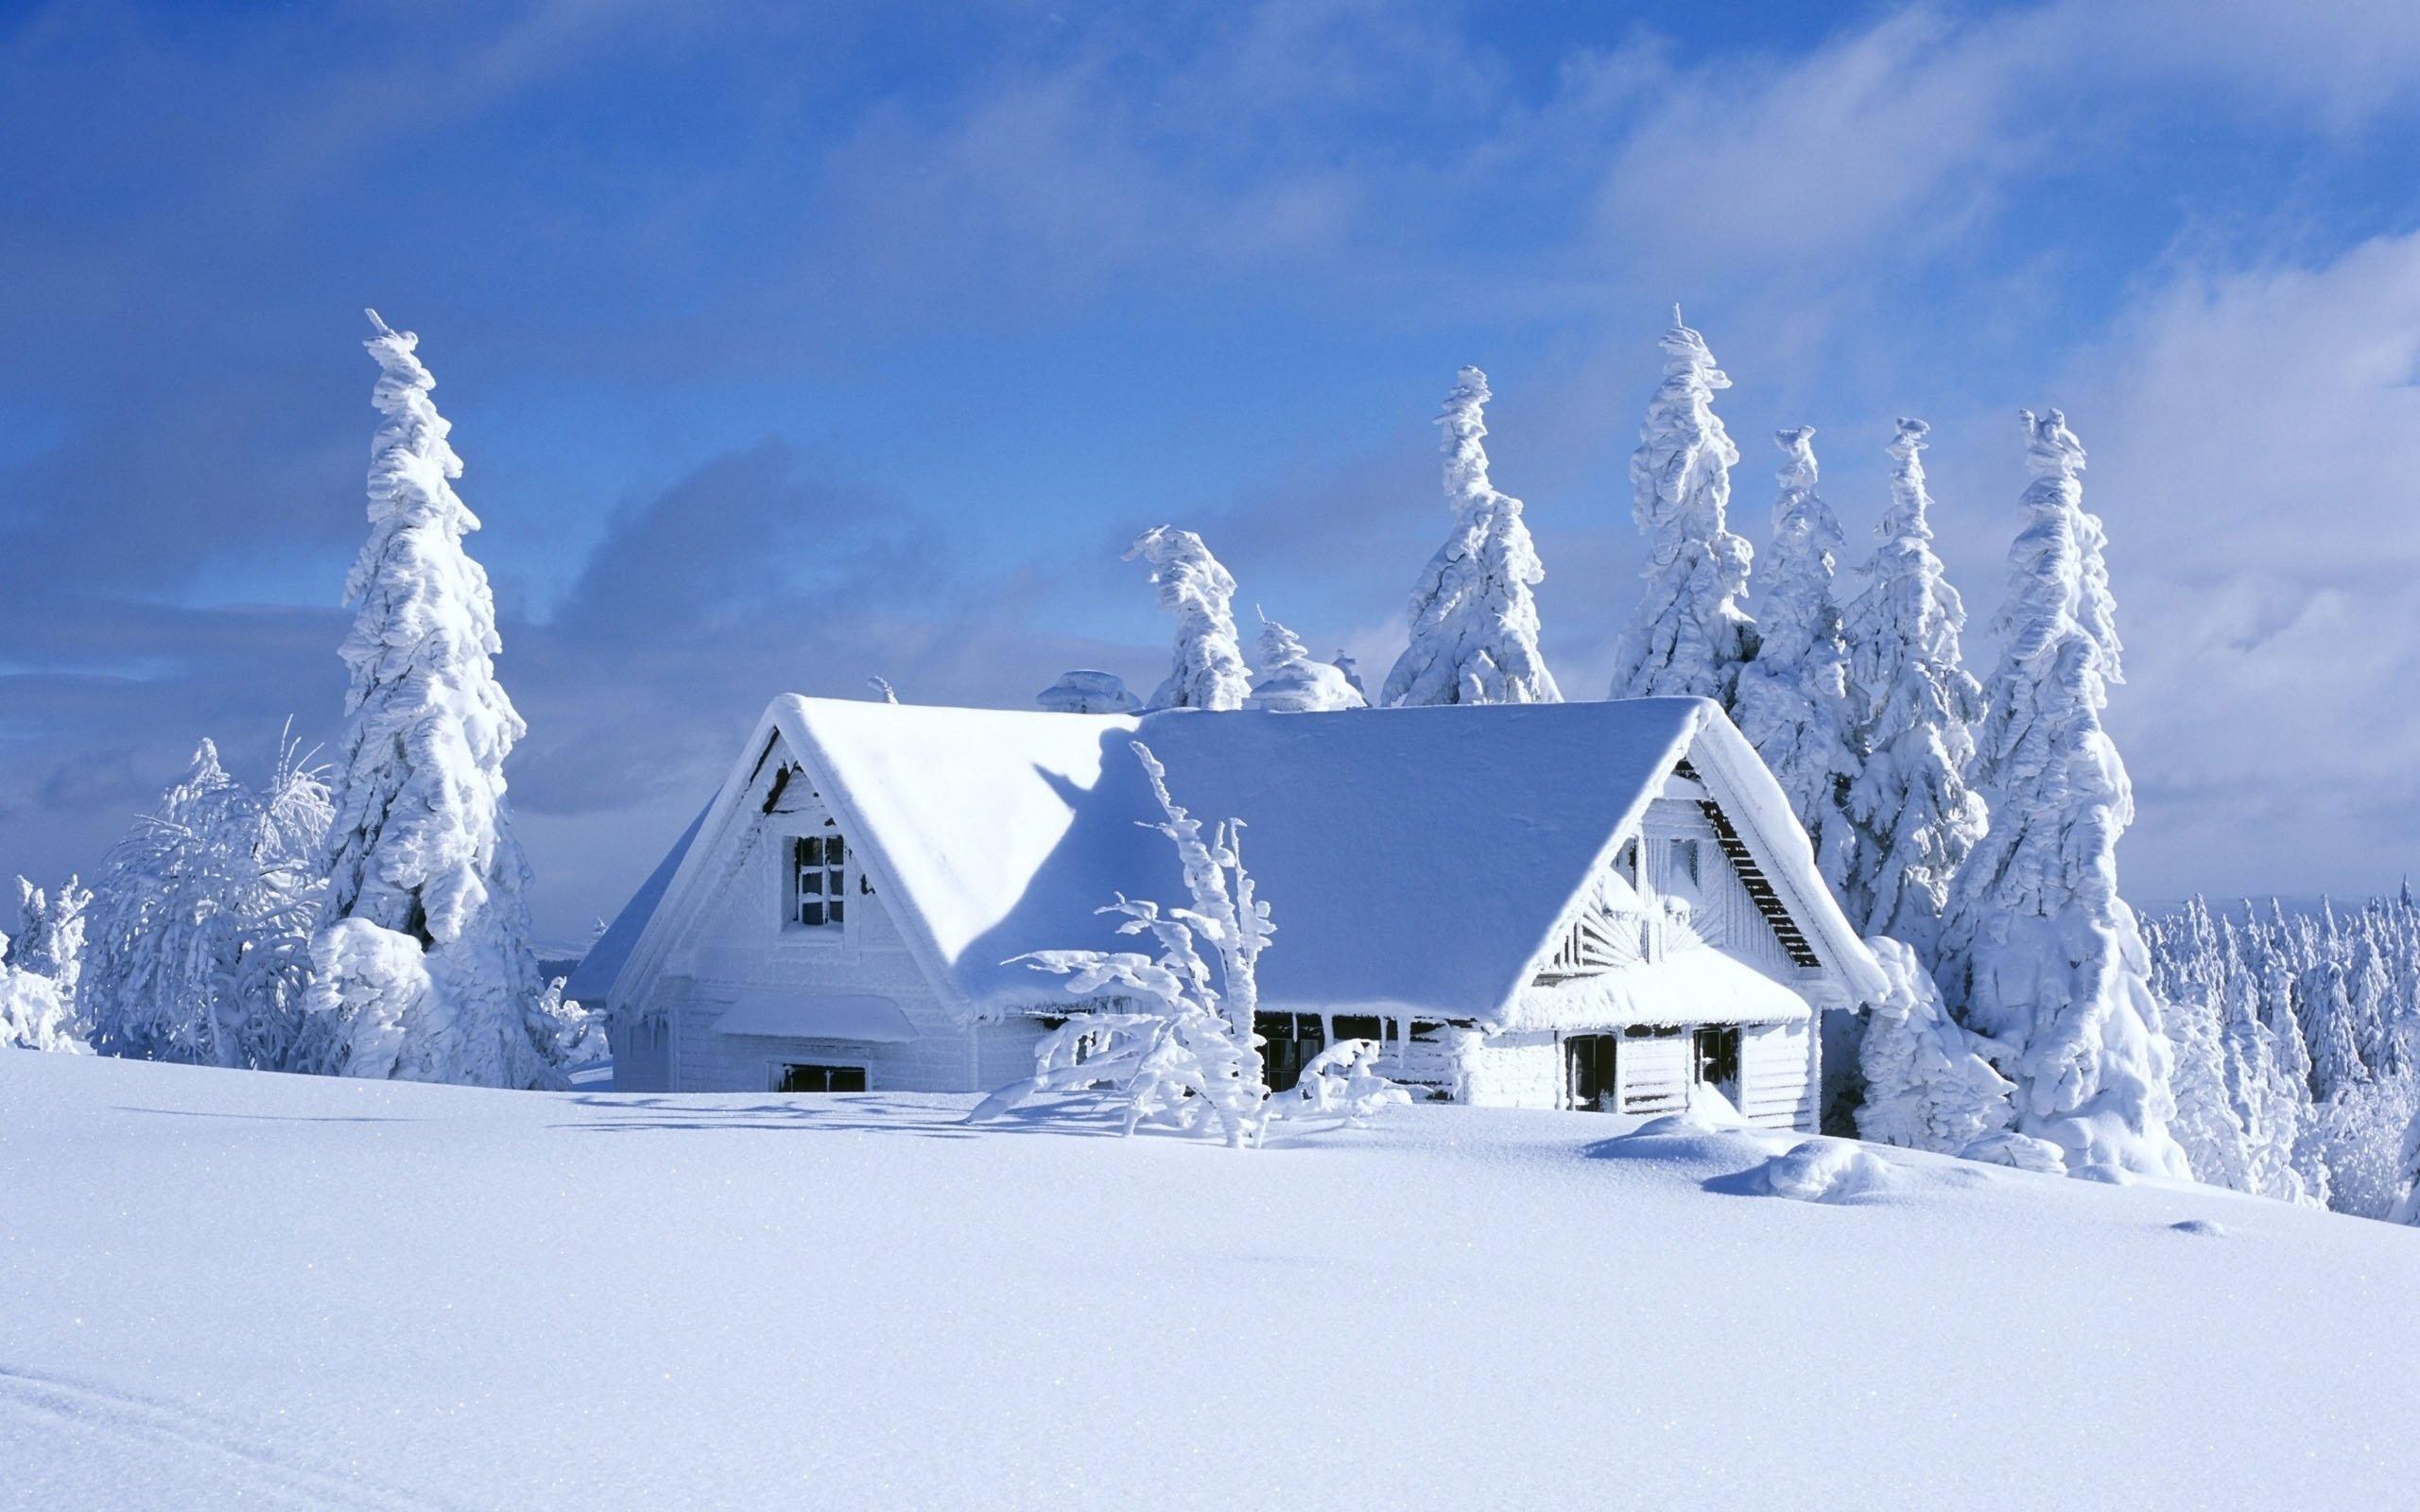 рыбалку, картинка домика в снегу которых